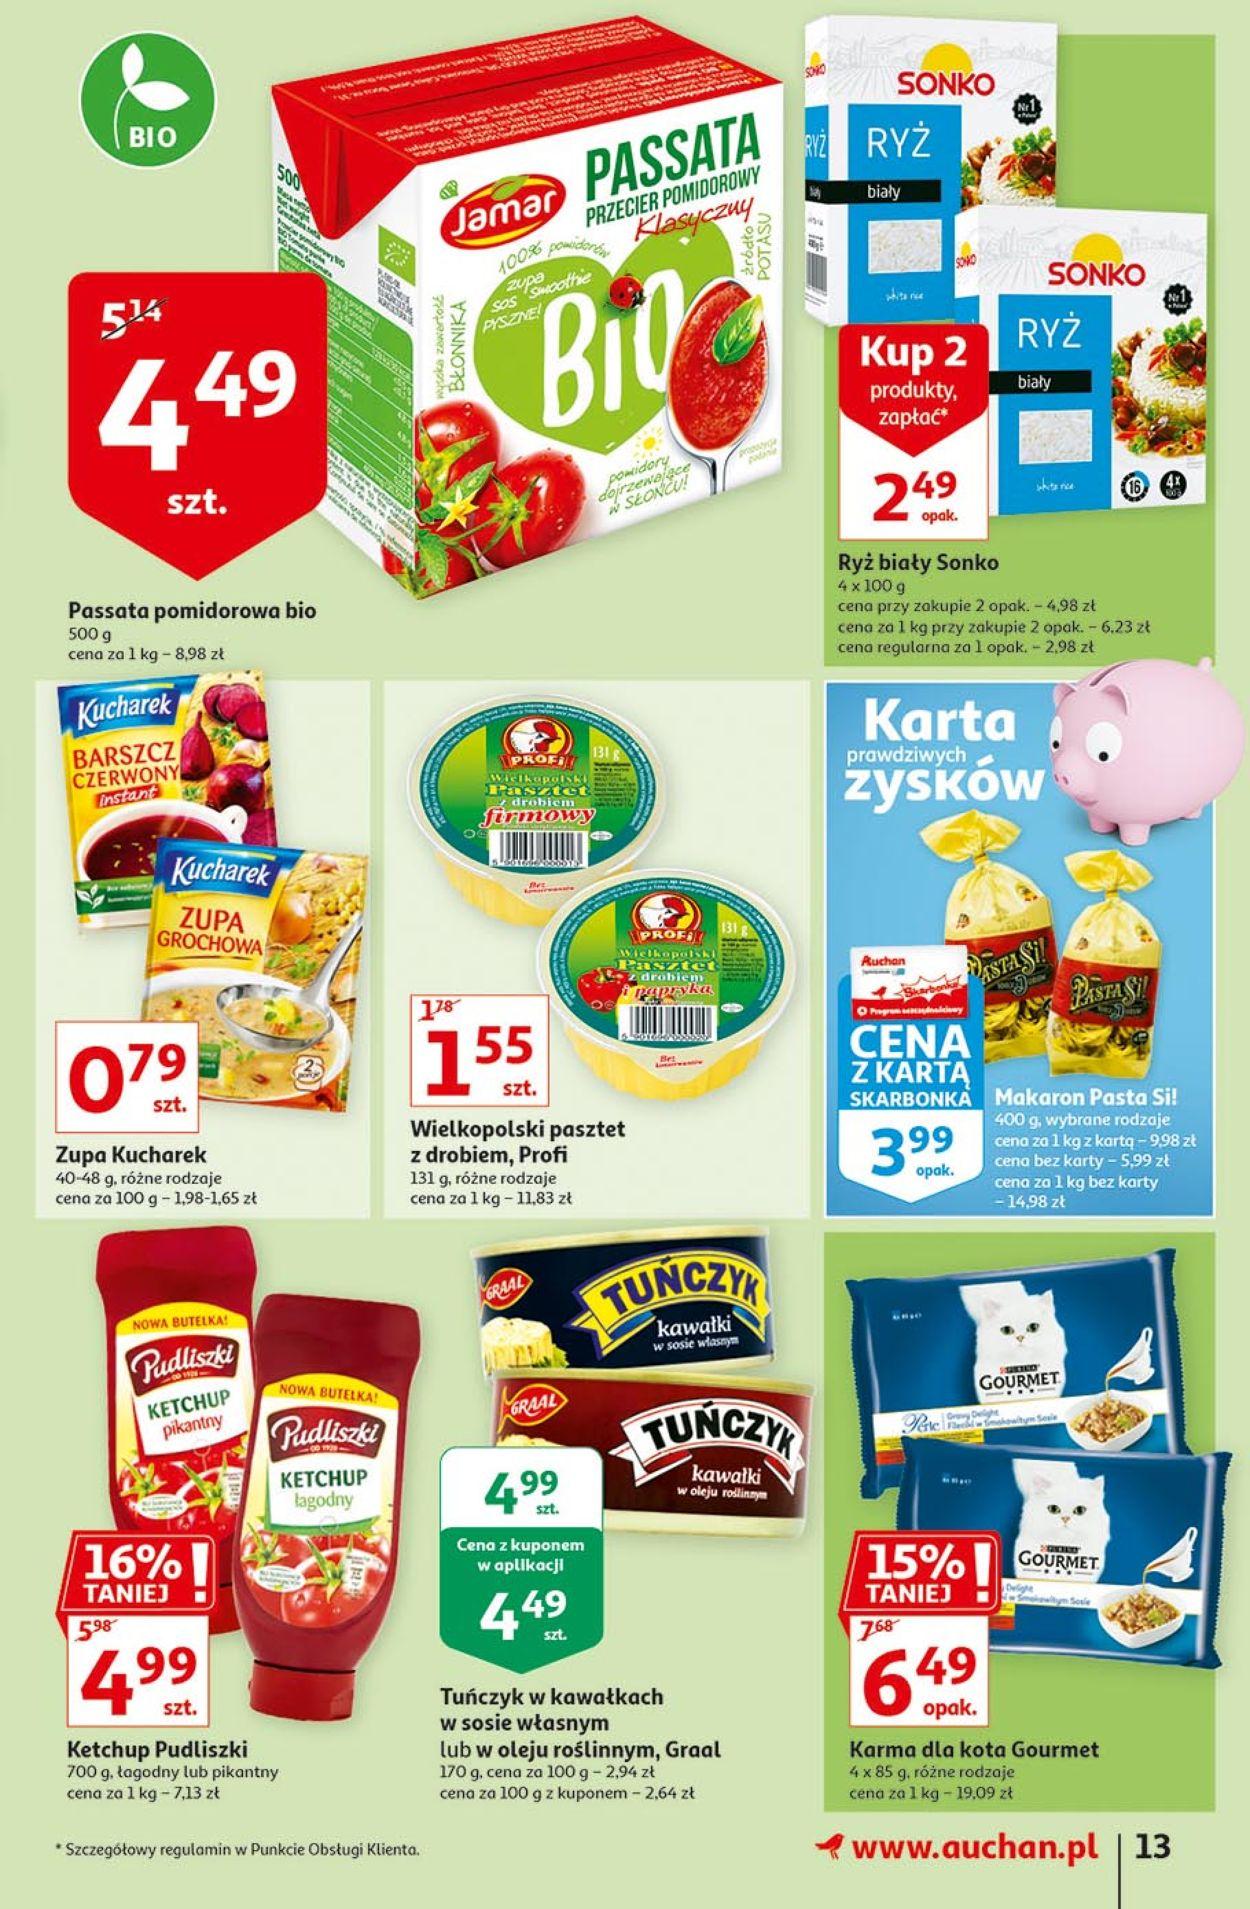 Gazetka promocyjna Auchan - 13.08-19.08.2020 (Strona 13)